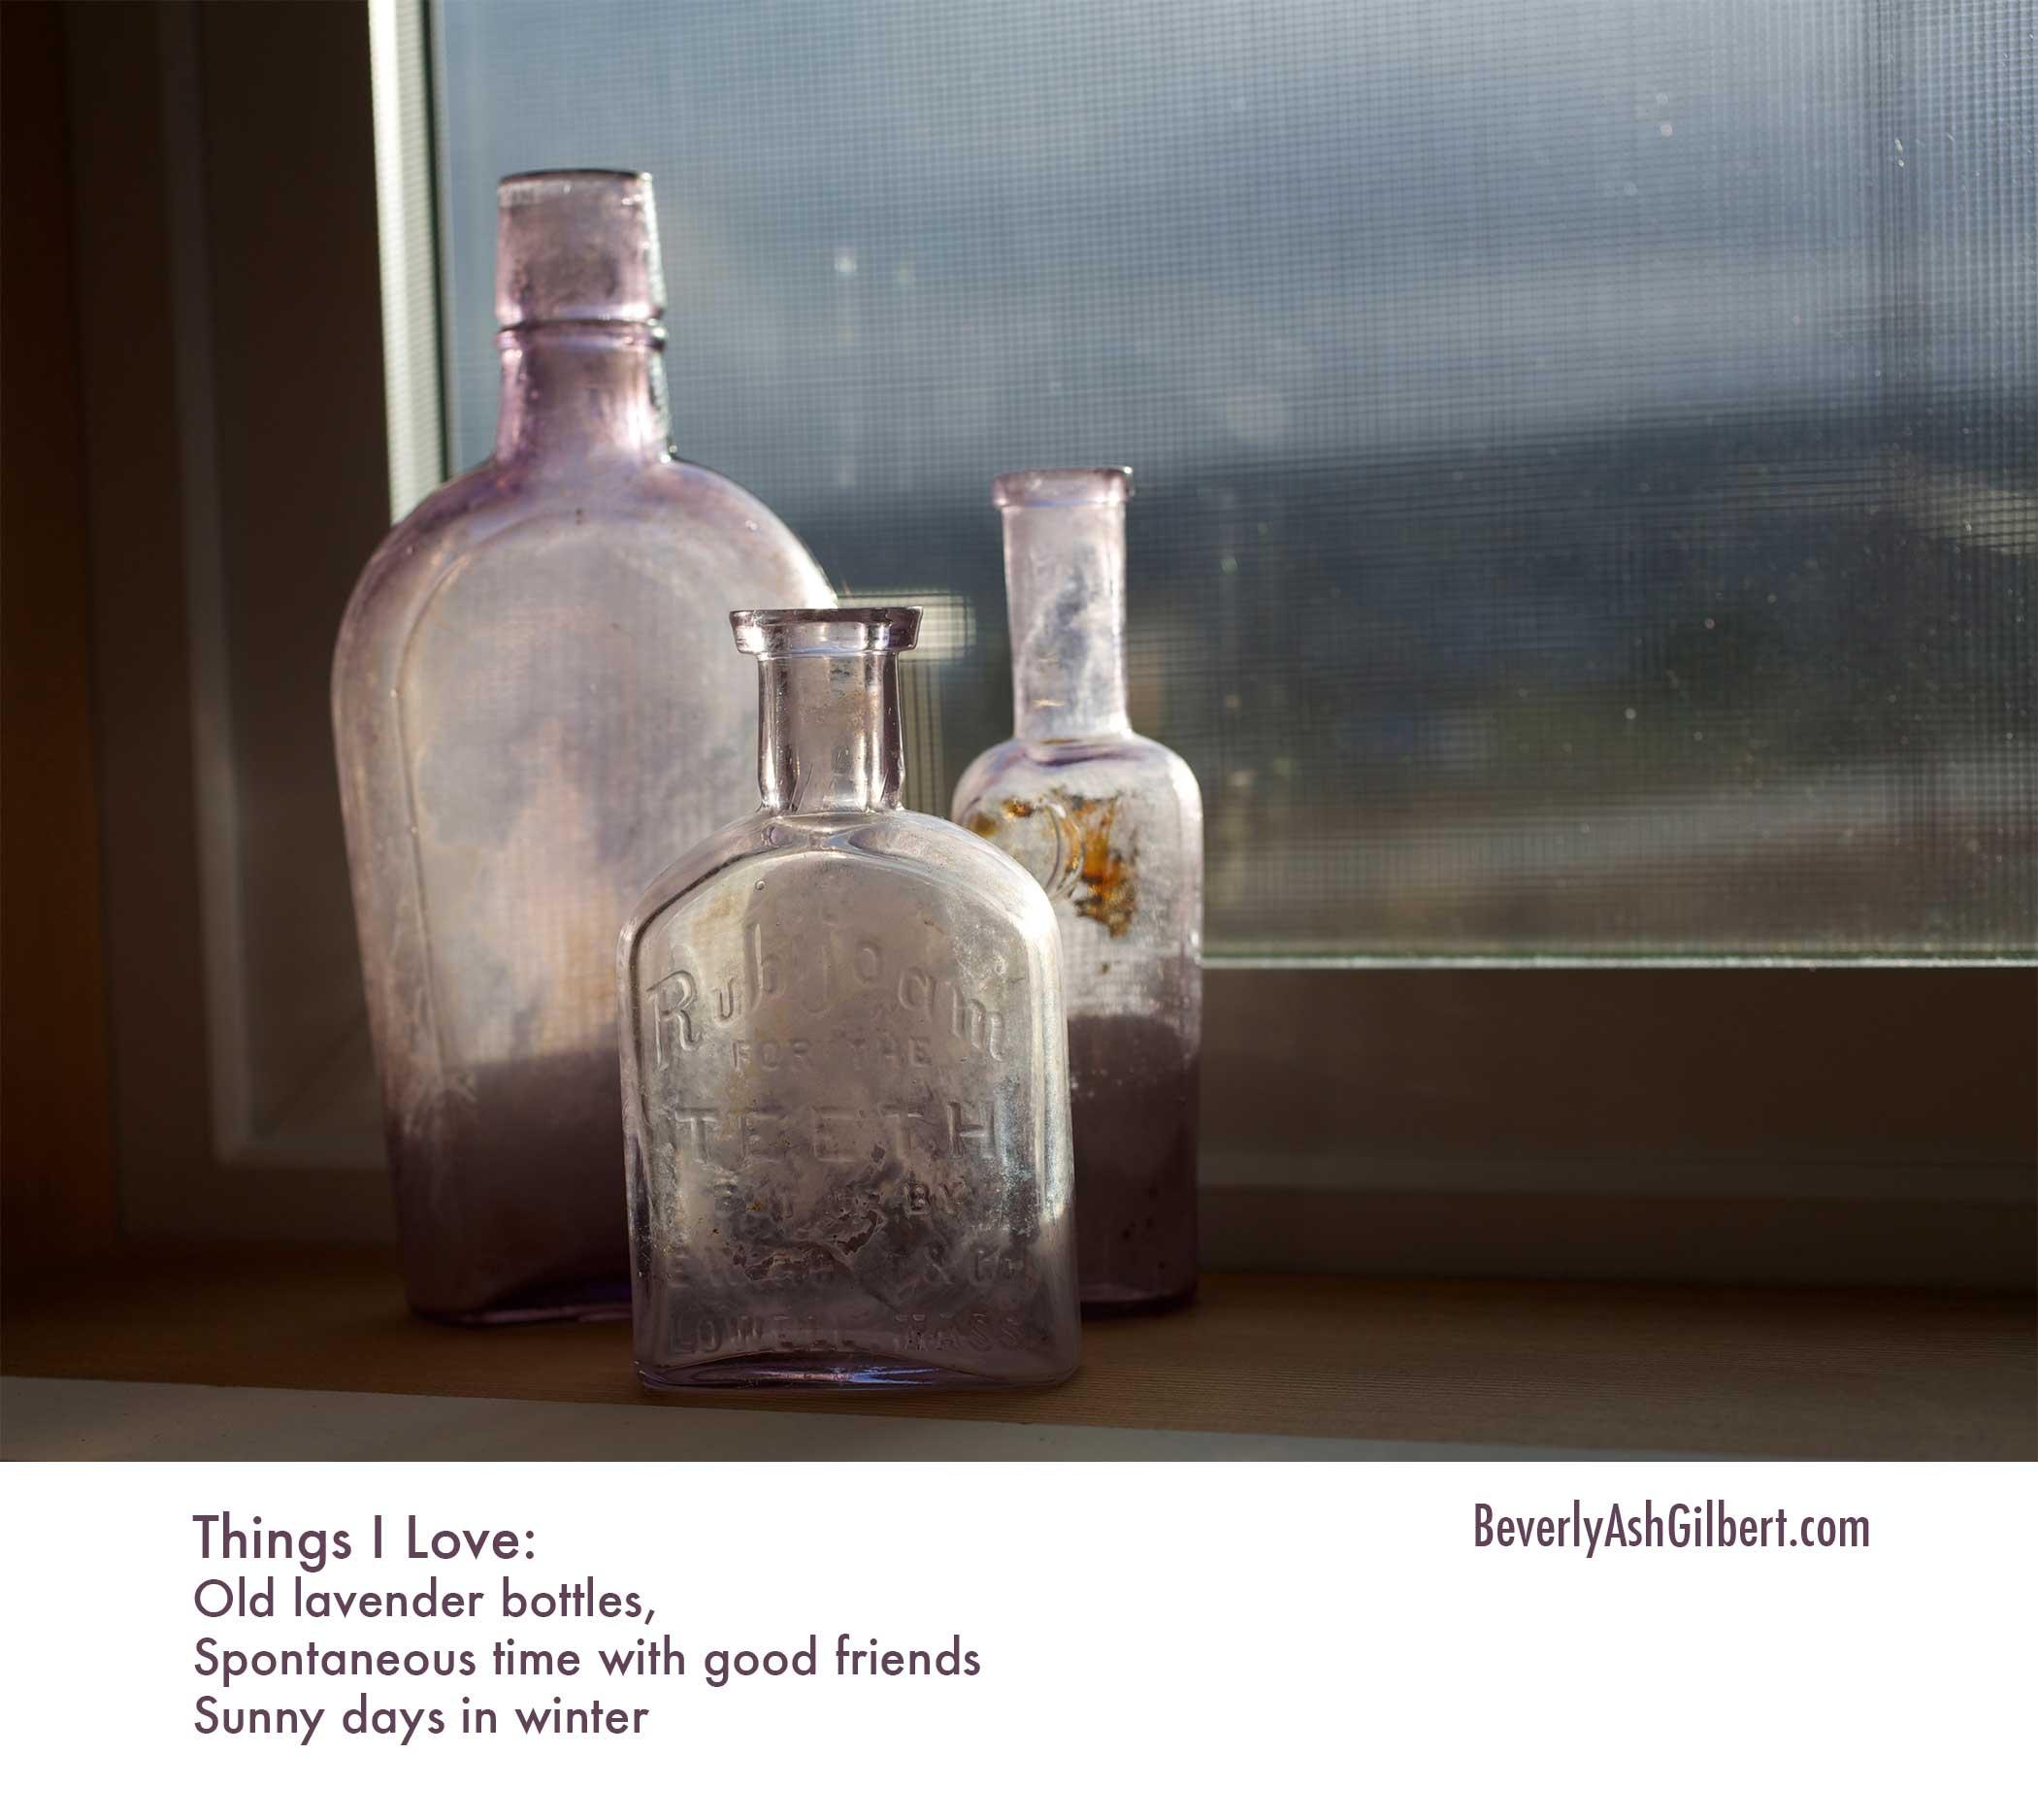 ThingsILove_LavenderBottles.jpg